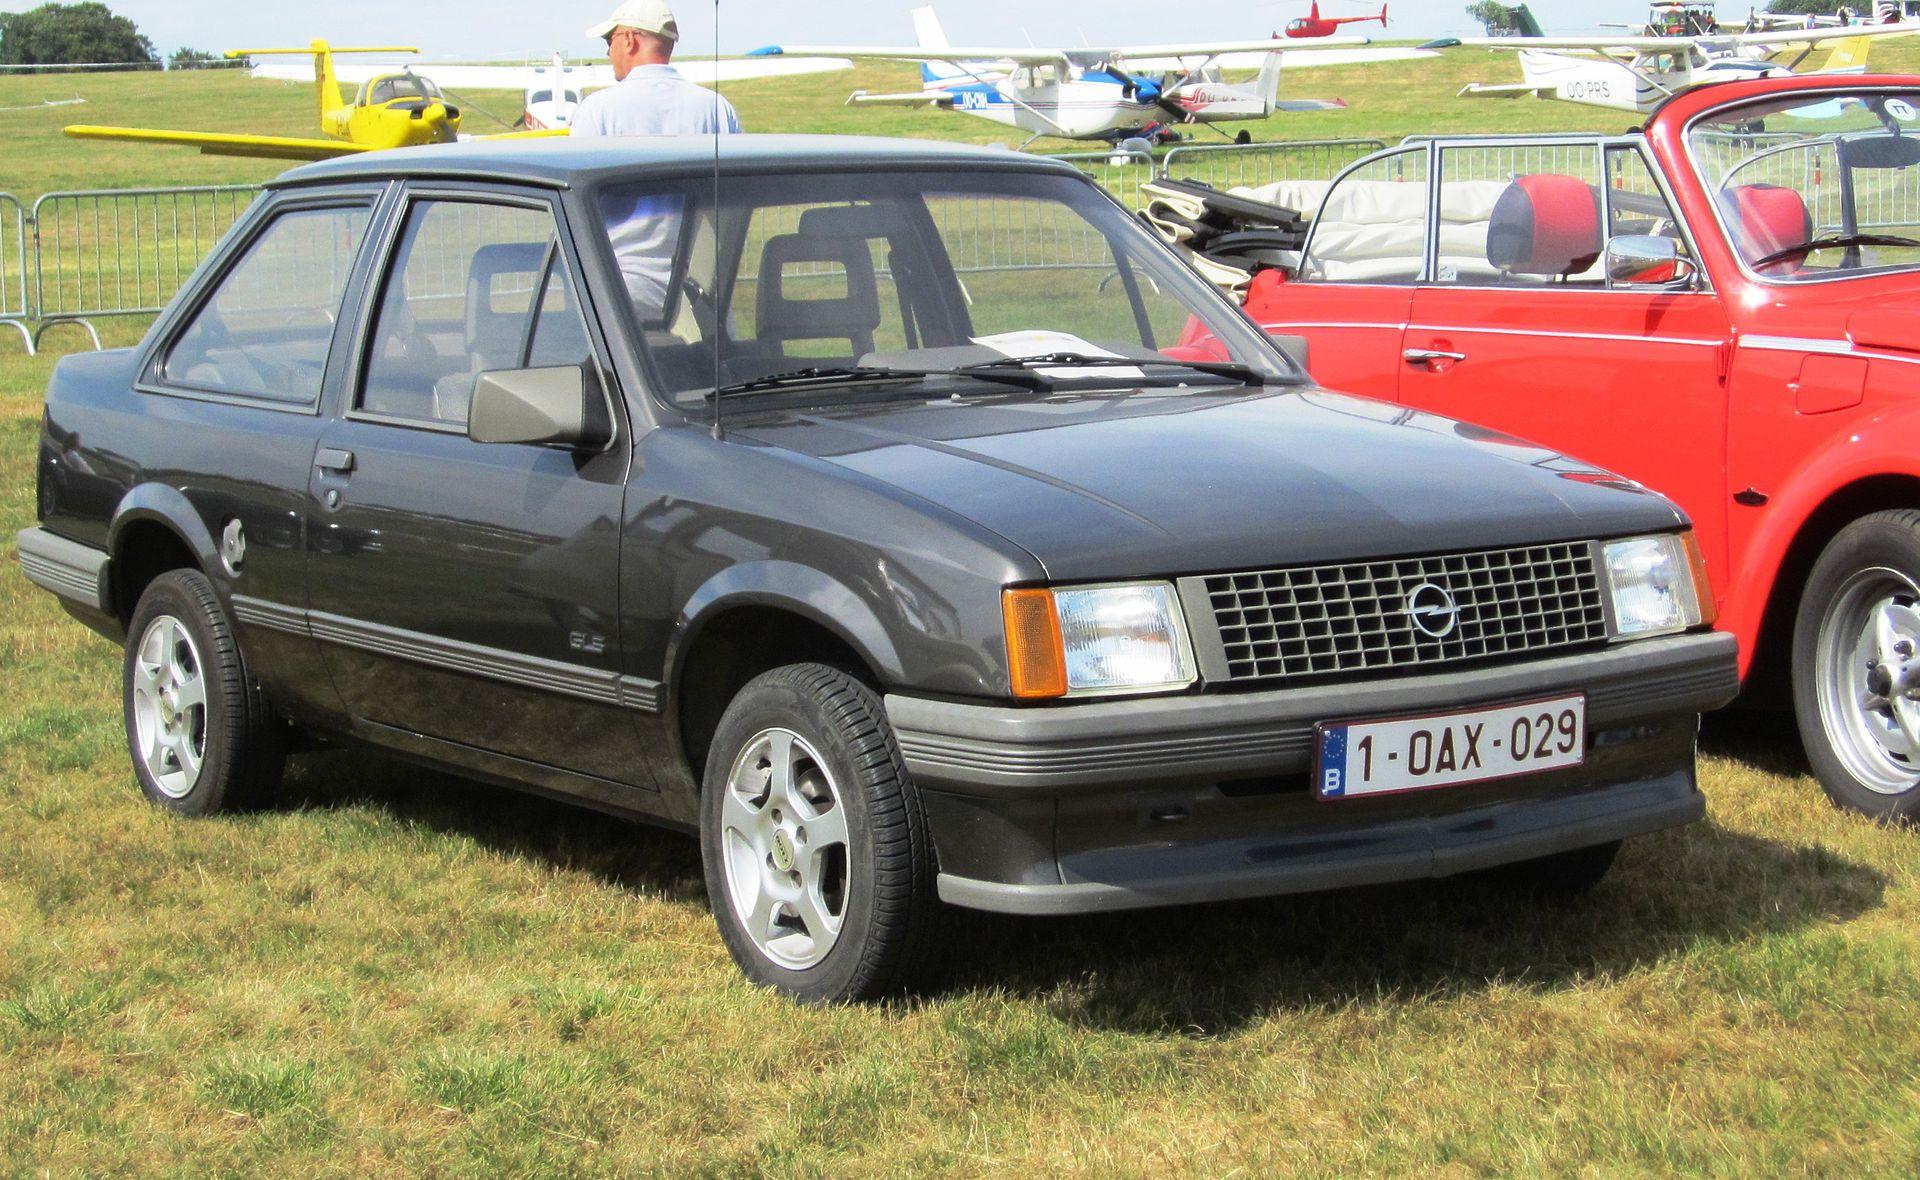 1982 87  Opel_Corsa_A_2 Door_notchback_prefacelift_at_Schaffen Diest_Fly Drive_2013  ...